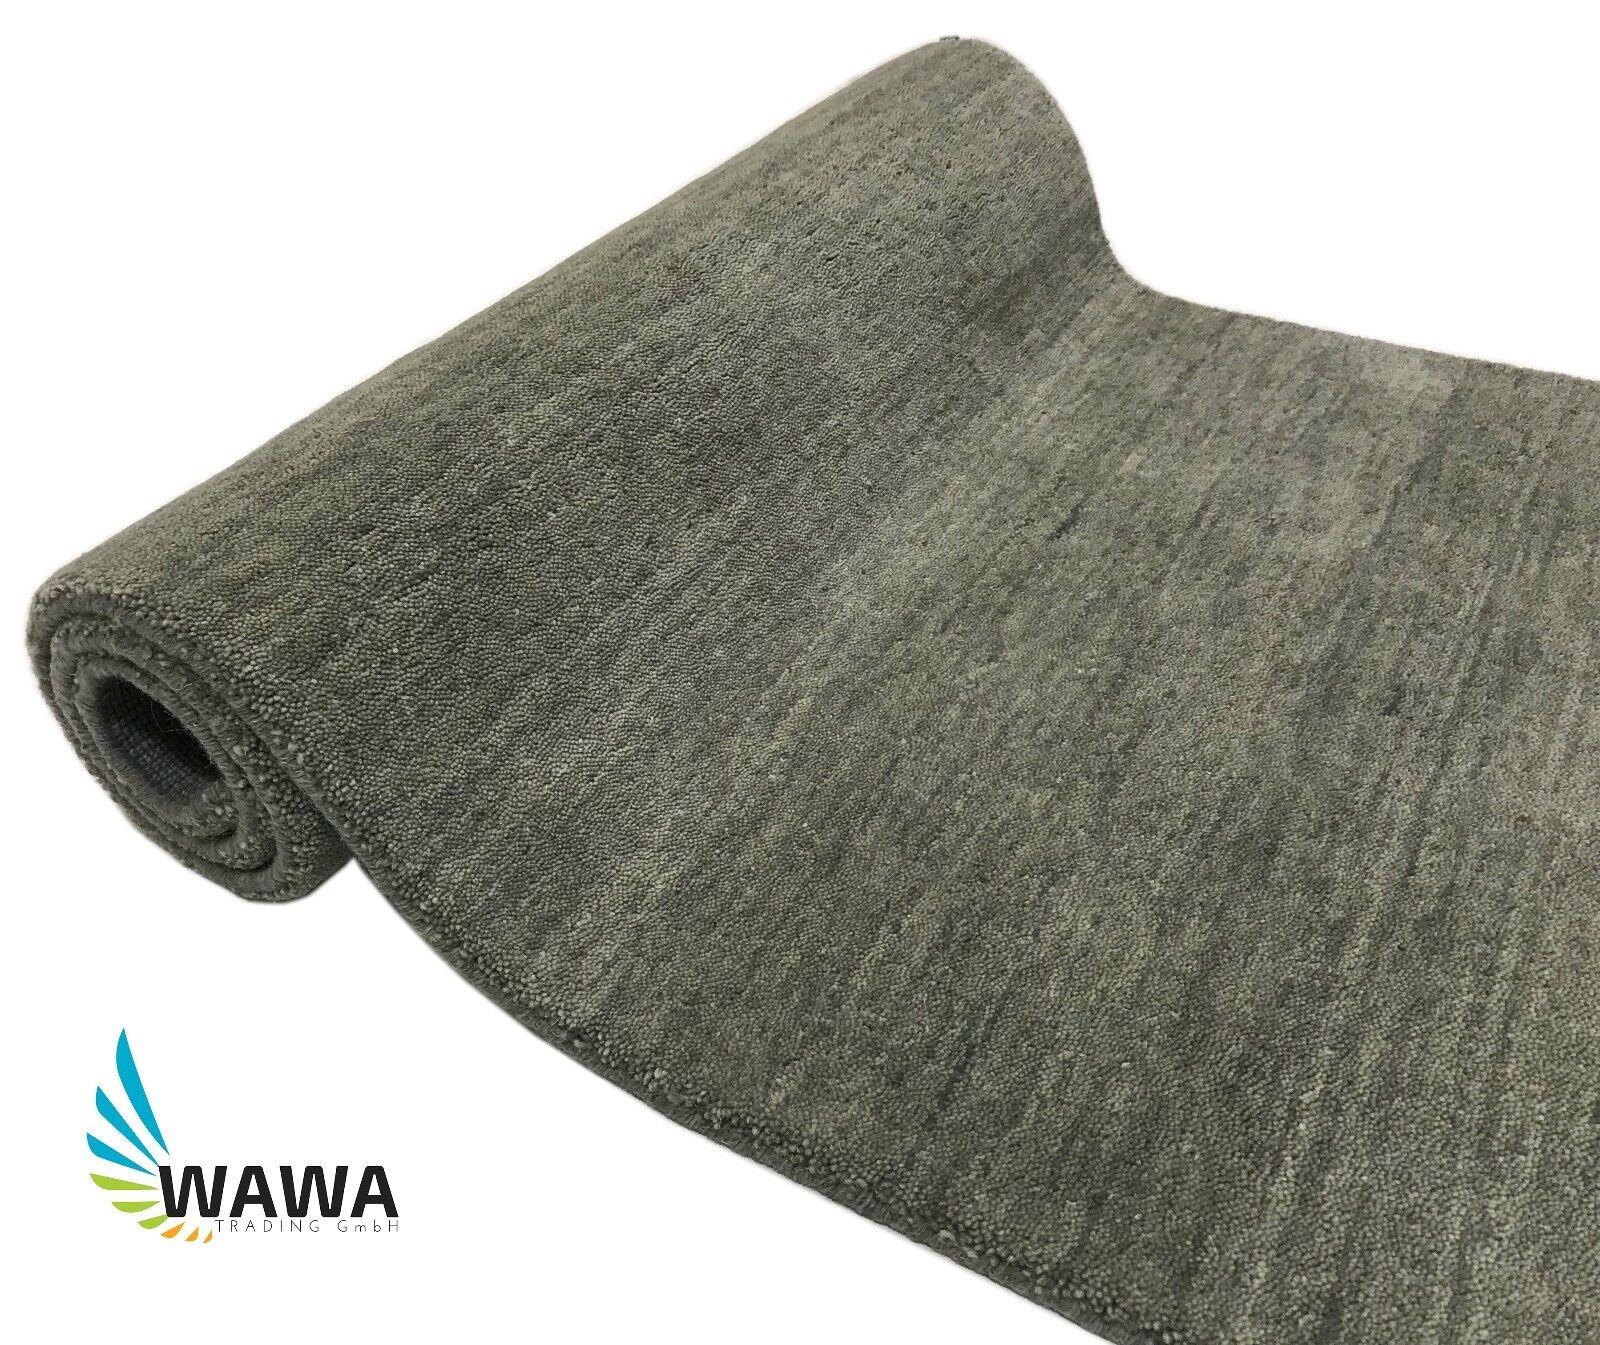 029019951 Orient alfombra alfil gabbeh Loom, tejida tejida tejida alfombra 100% lana  70x300 cm g